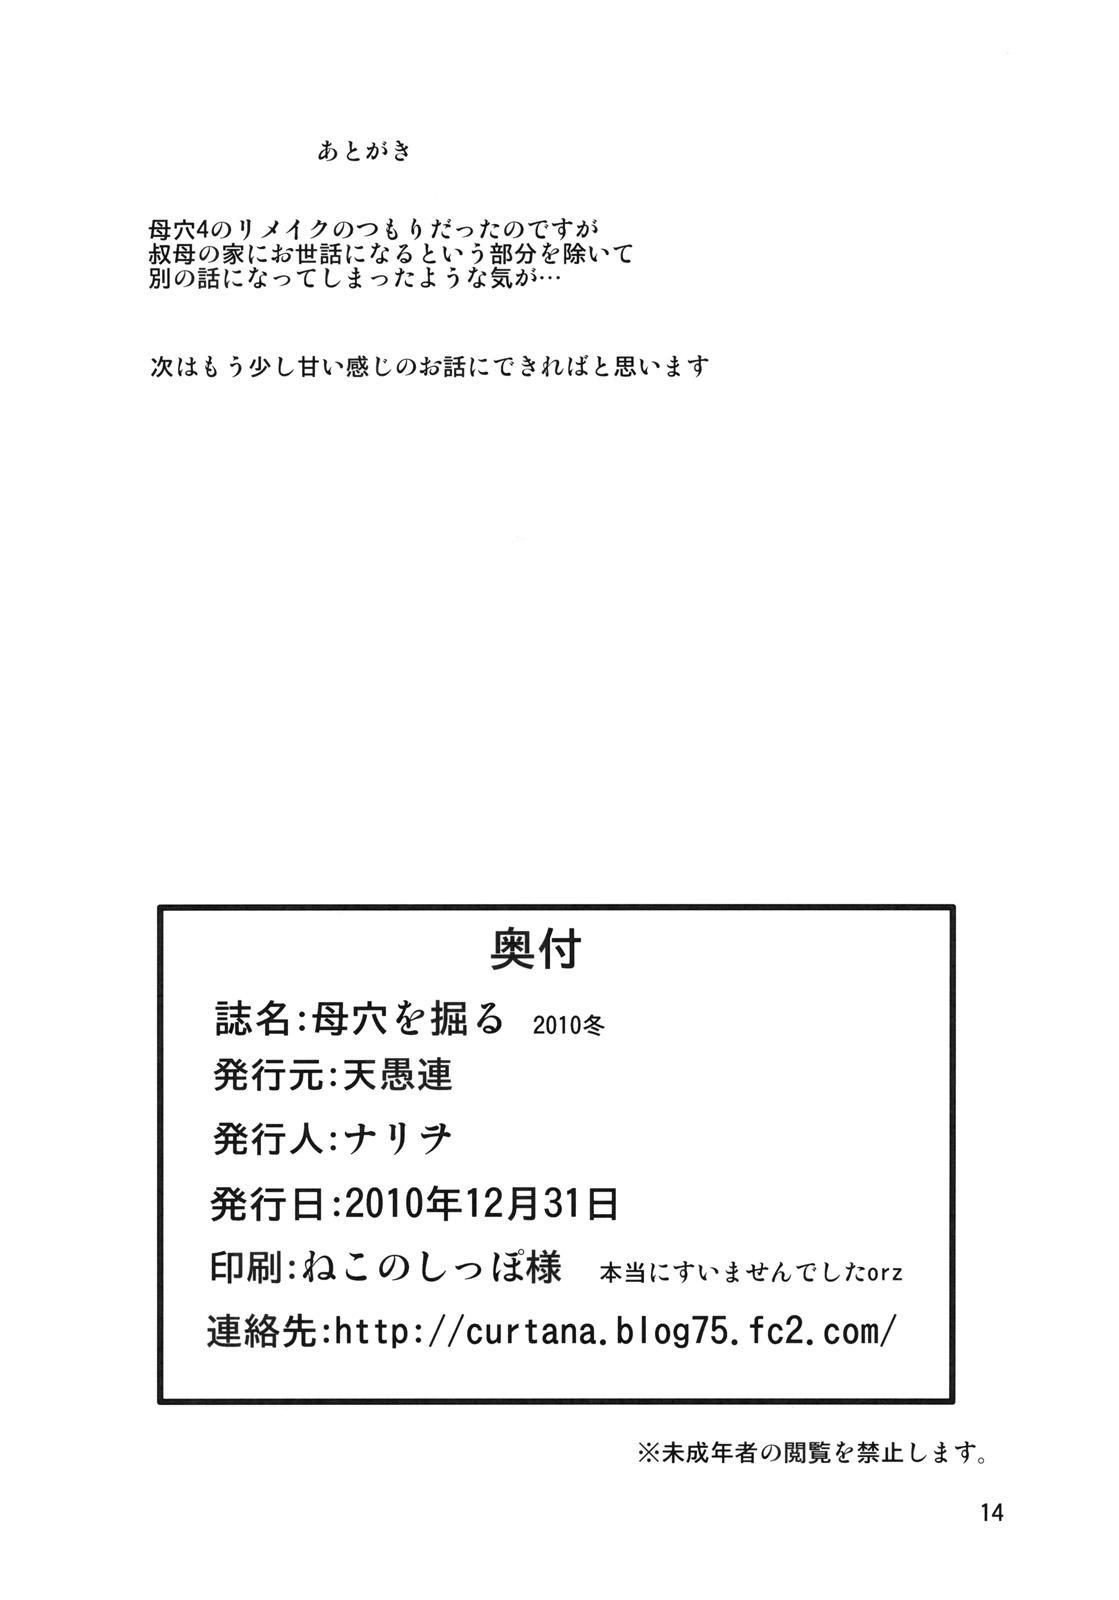 Boketsu o Horu 2010 Fuyu 12